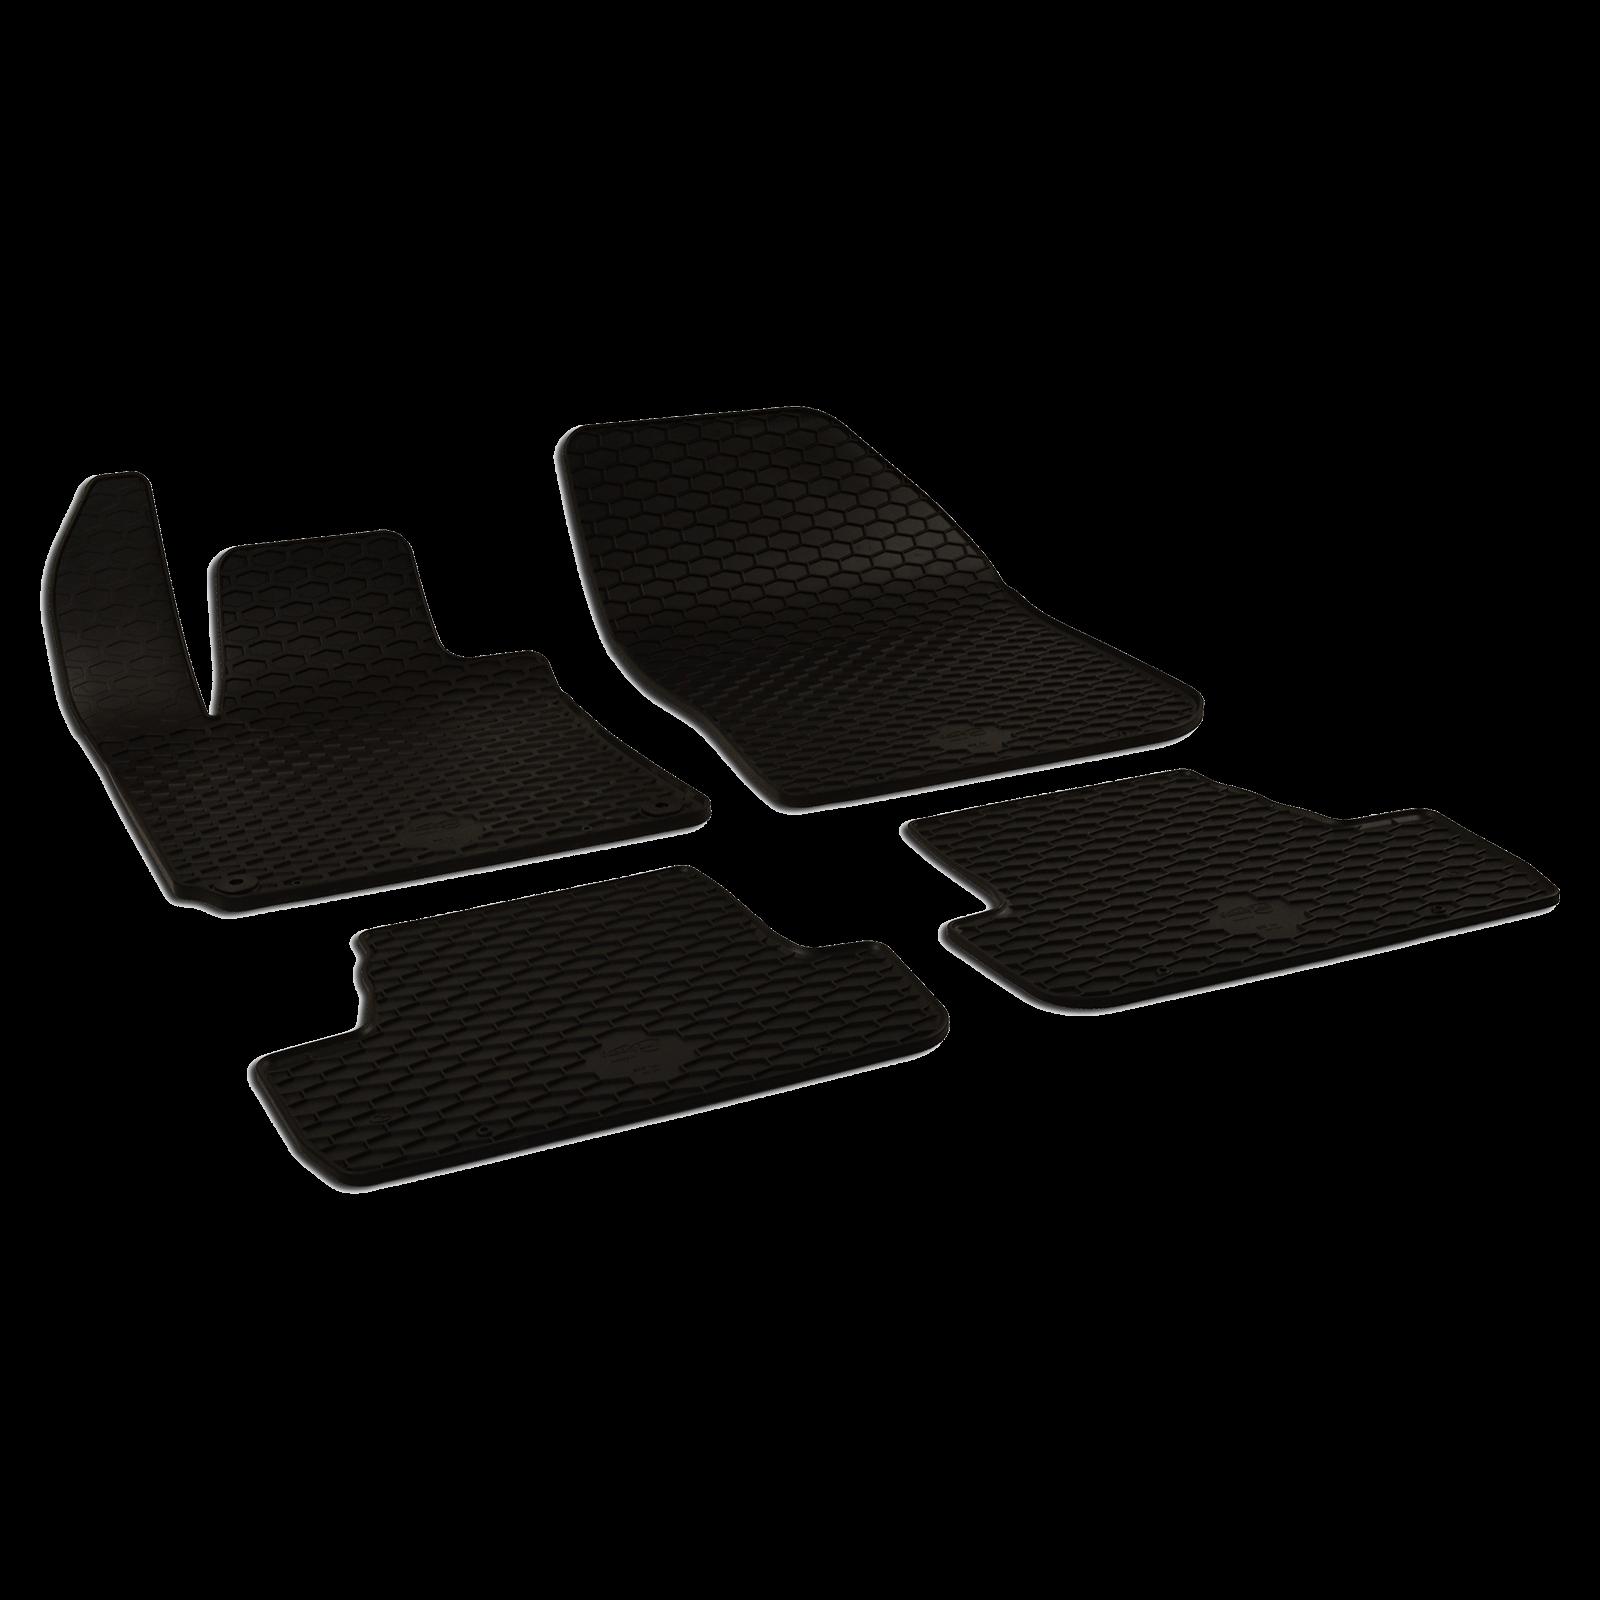 tapis de sol en caoutchouc noir pour peugeot 308 ii bj. Black Bedroom Furniture Sets. Home Design Ideas